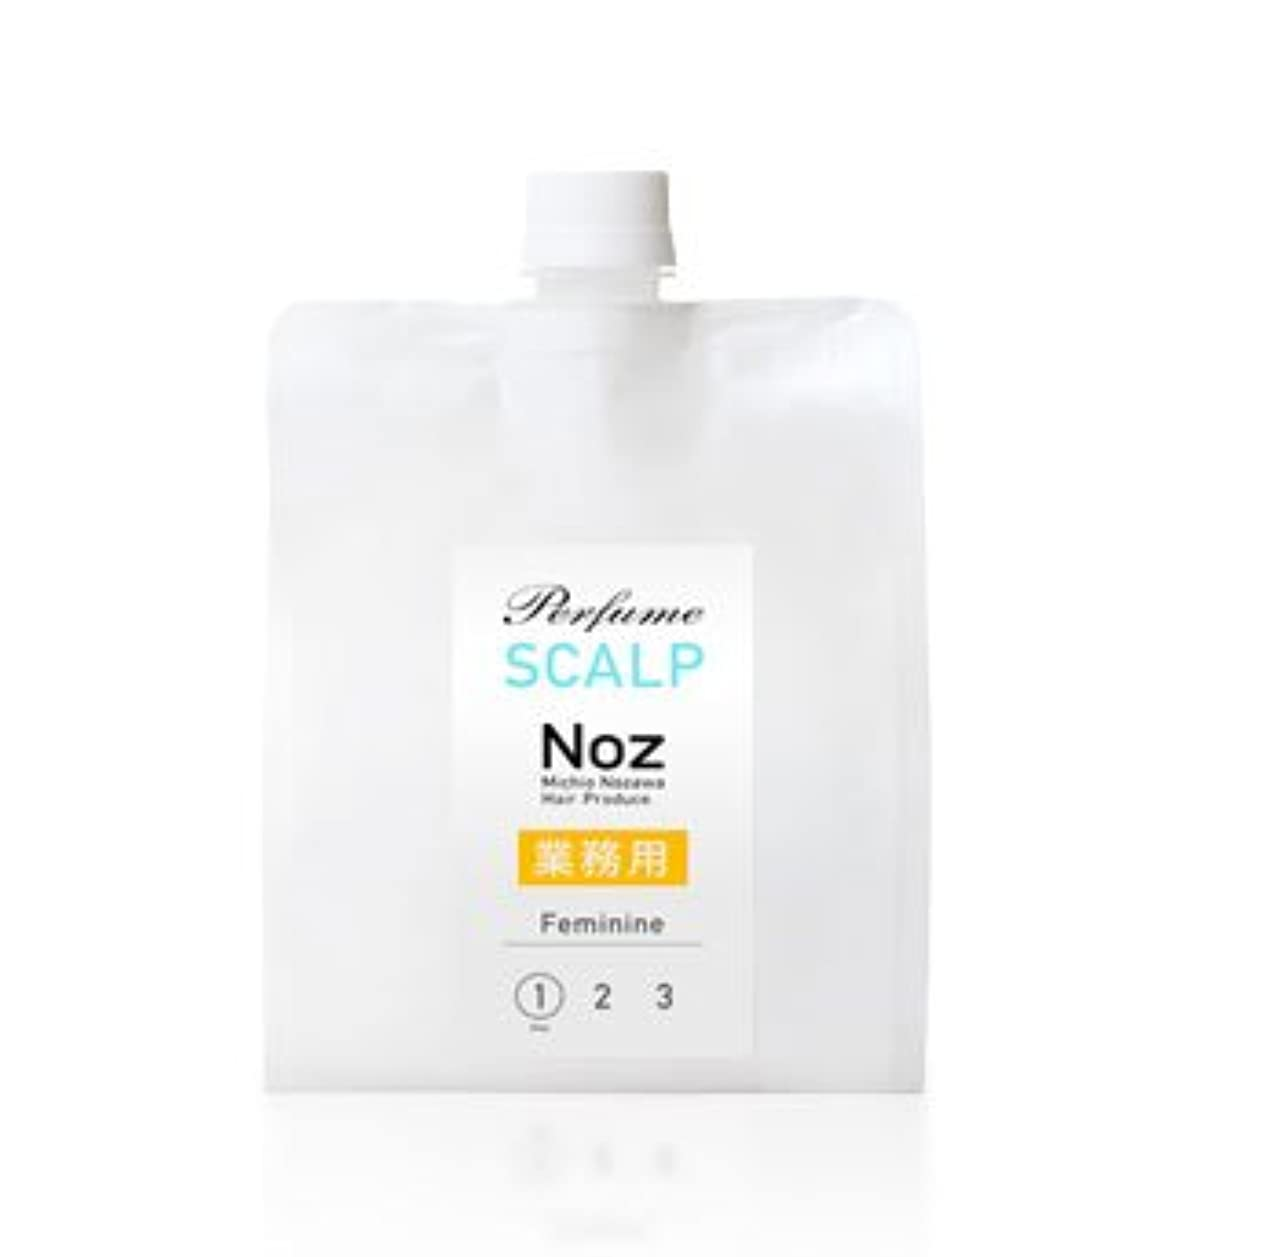 貫通するガロン取得するNoz ノズ スカルプ シャンプー (フェミニン) 業務用パウチ